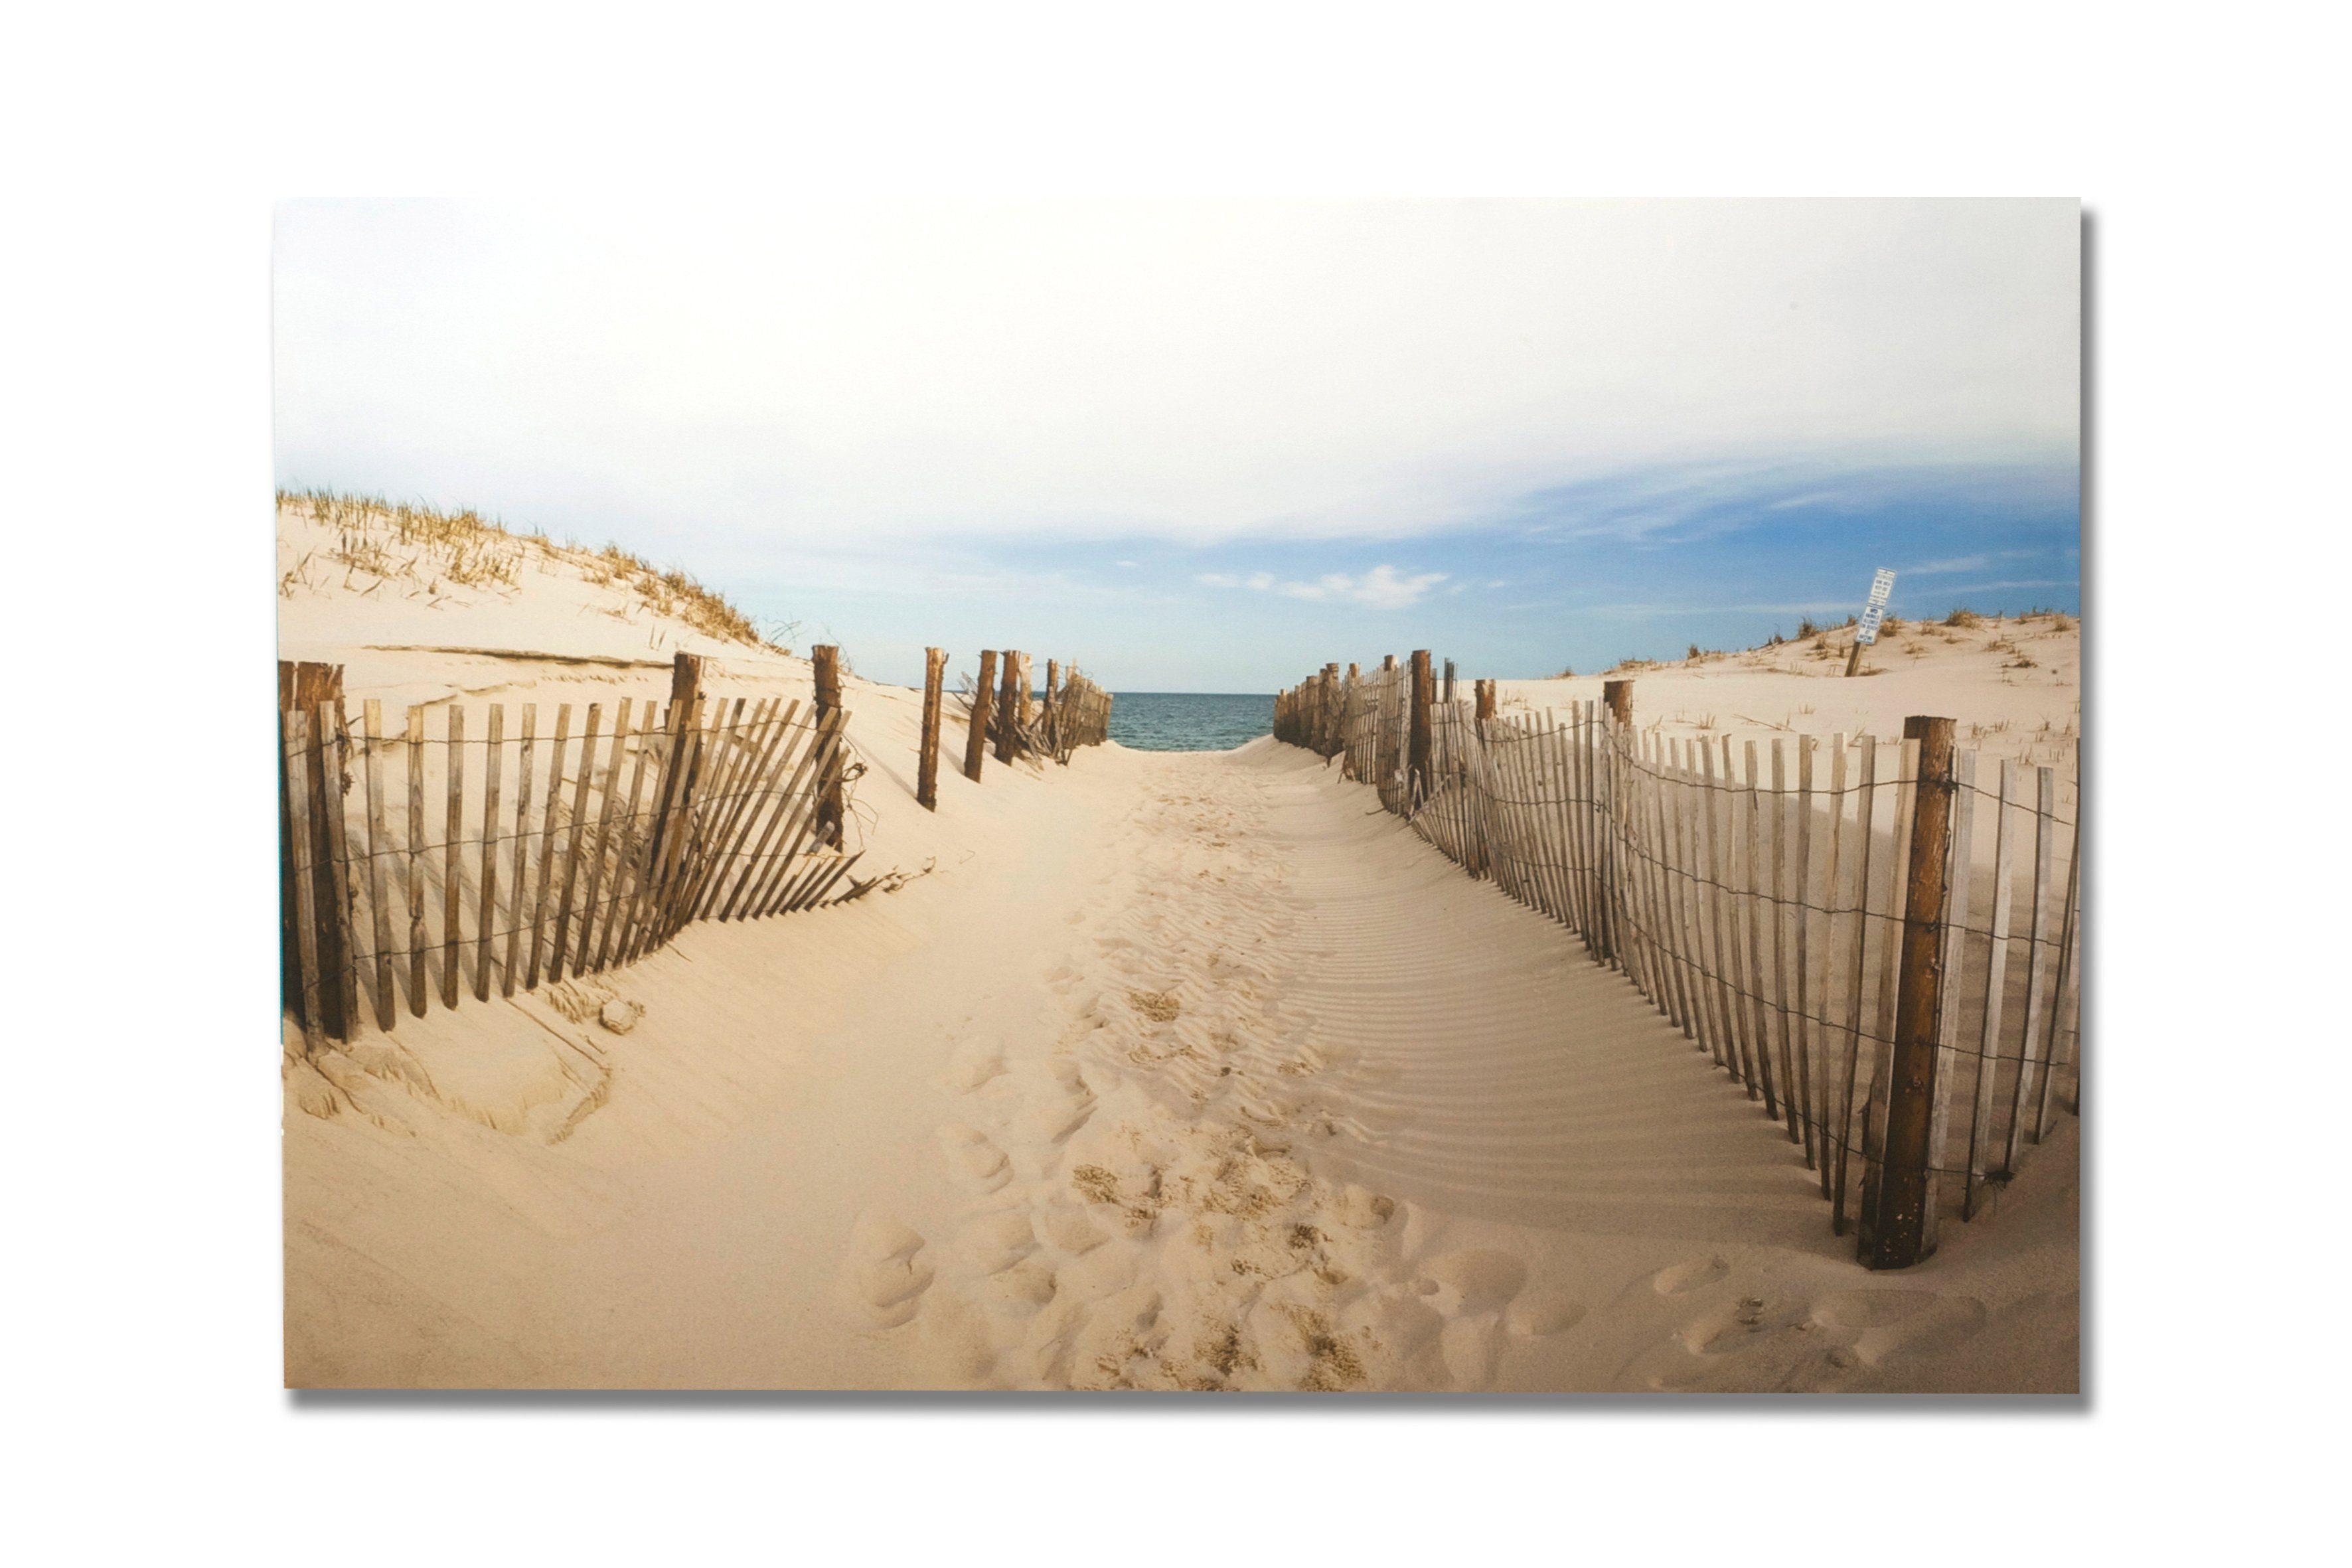 Leinwandbild »Strandweg«